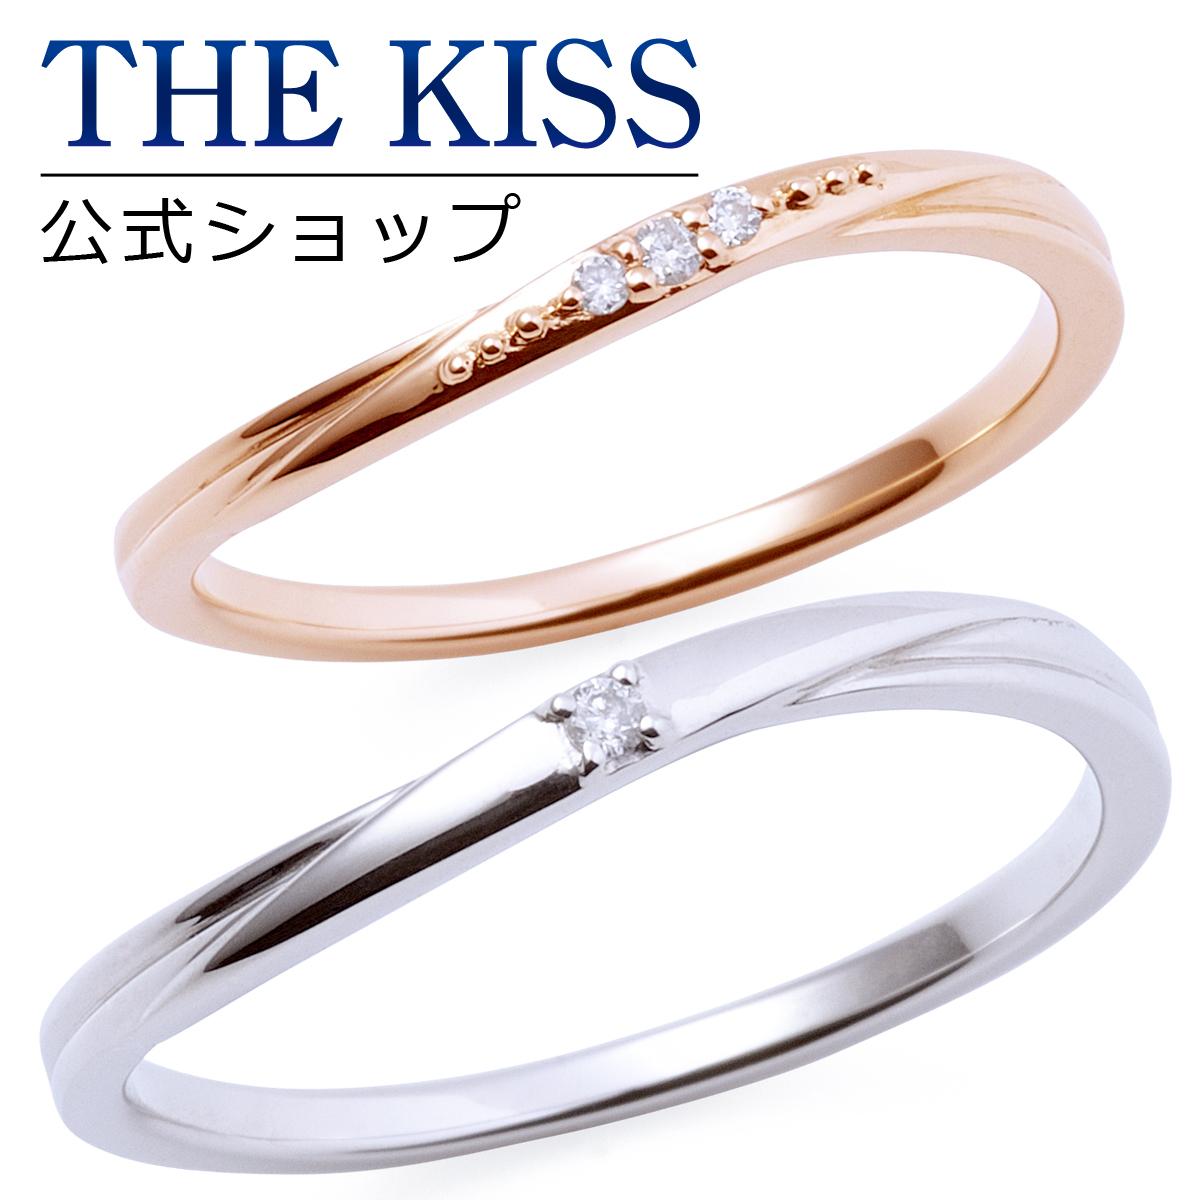 【あす楽対応】【送料無料】【THE KISS sweets】【ペアリング】 K10ピンク&ホワイトゴールド ペアリング 結婚指輪 マリッジリング ☆ ゴールド ペア リング 指輪 ブランド GOLD Pair Ring couple K-R1810PG-1811WG